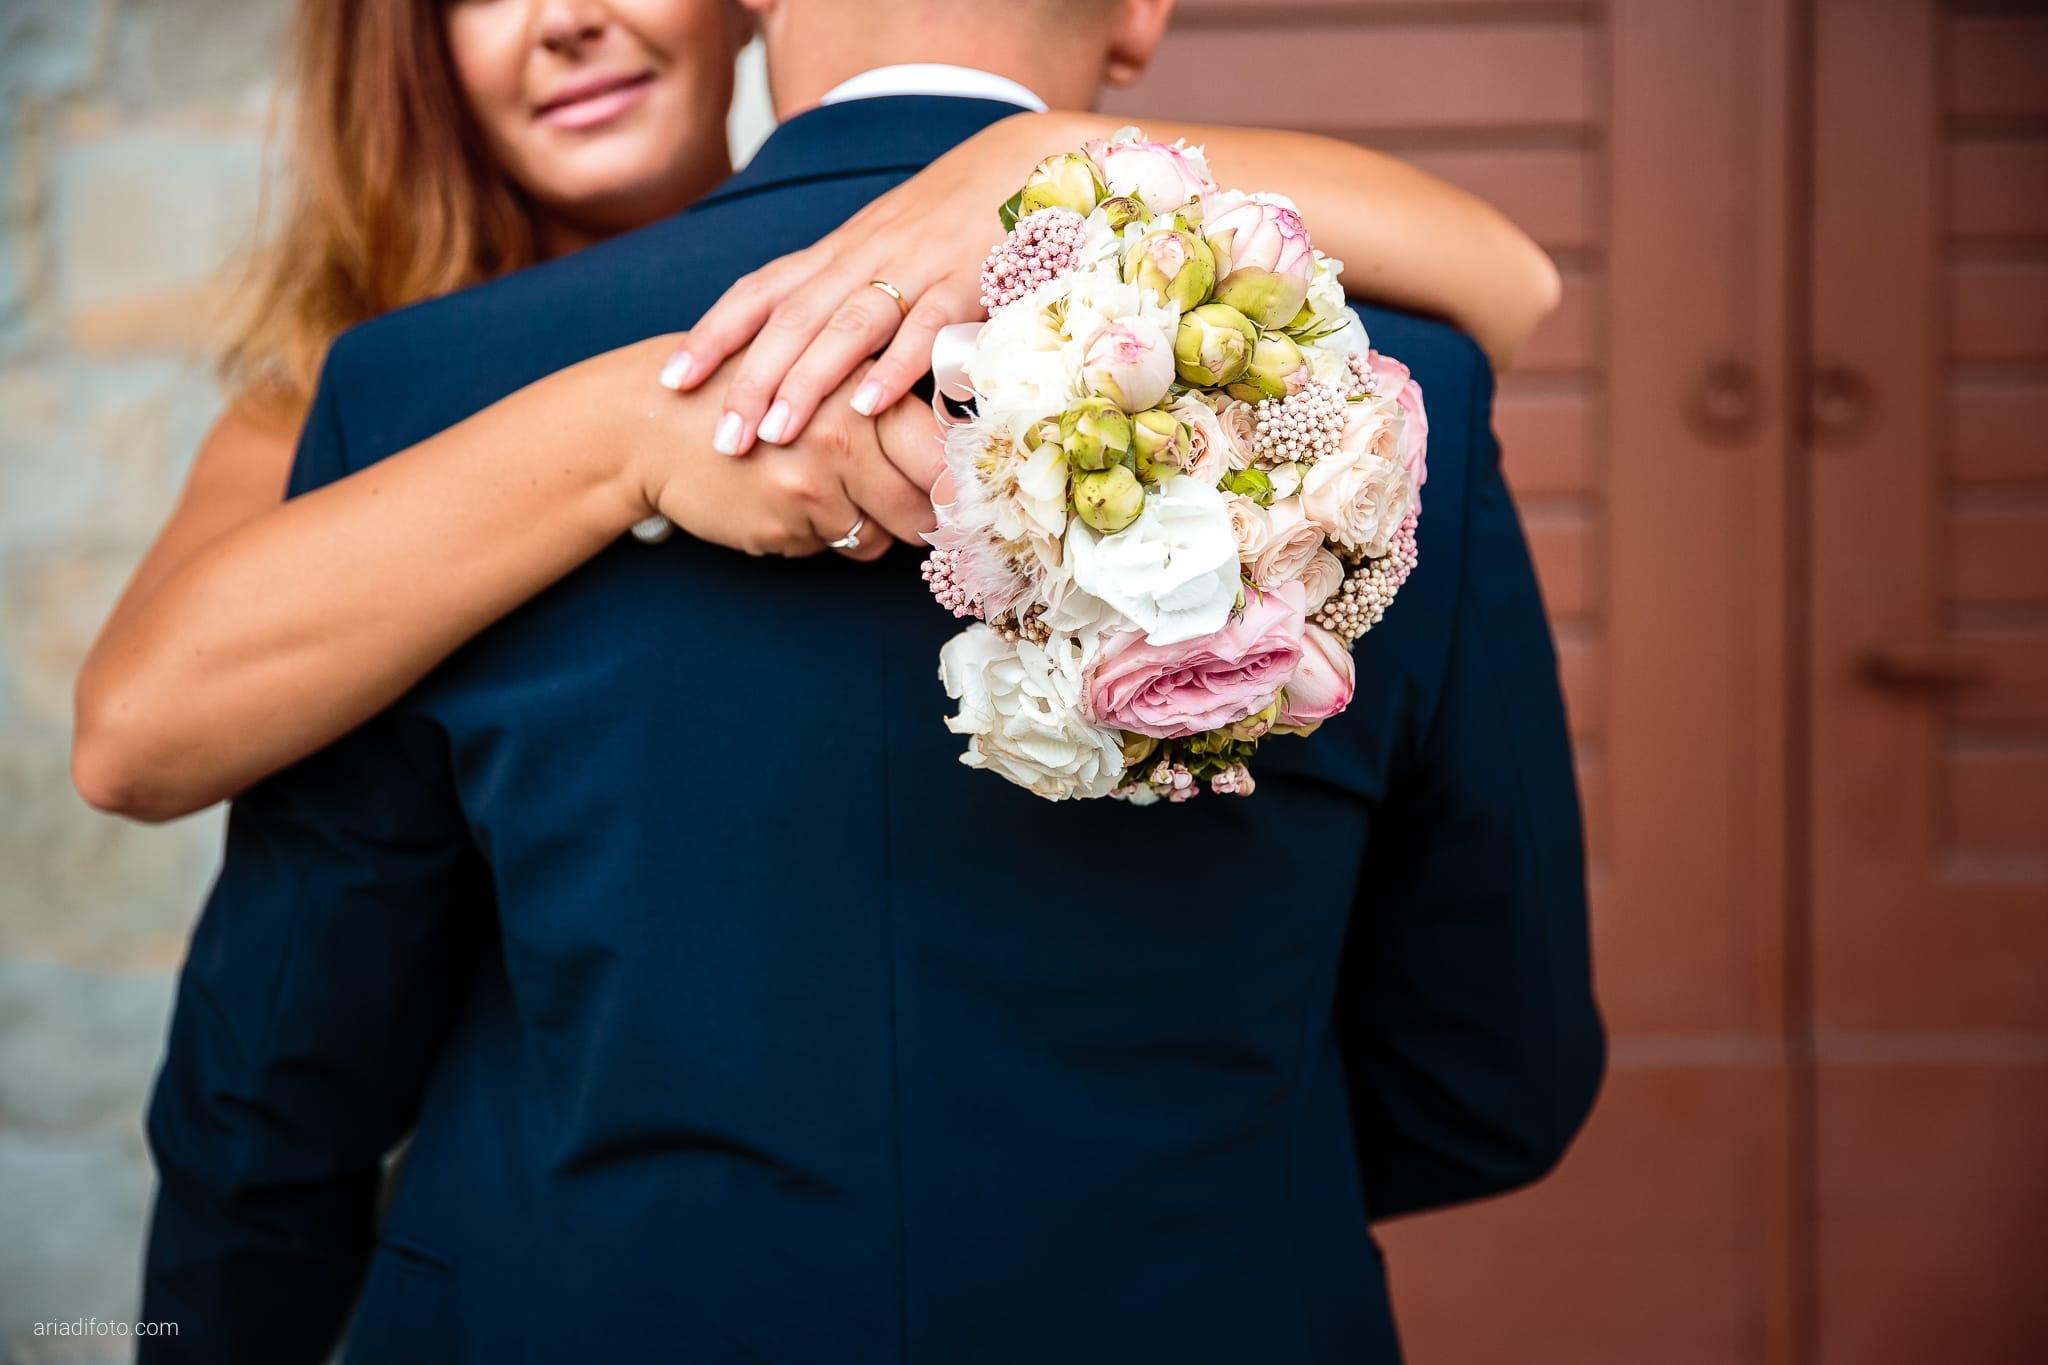 Giorgia Davide Matrimonio Villa Revoltella Salvia Rosmarino Trieste ritratti sposi Porto Vecchio Magazzino 26 dettagli bouquet rose